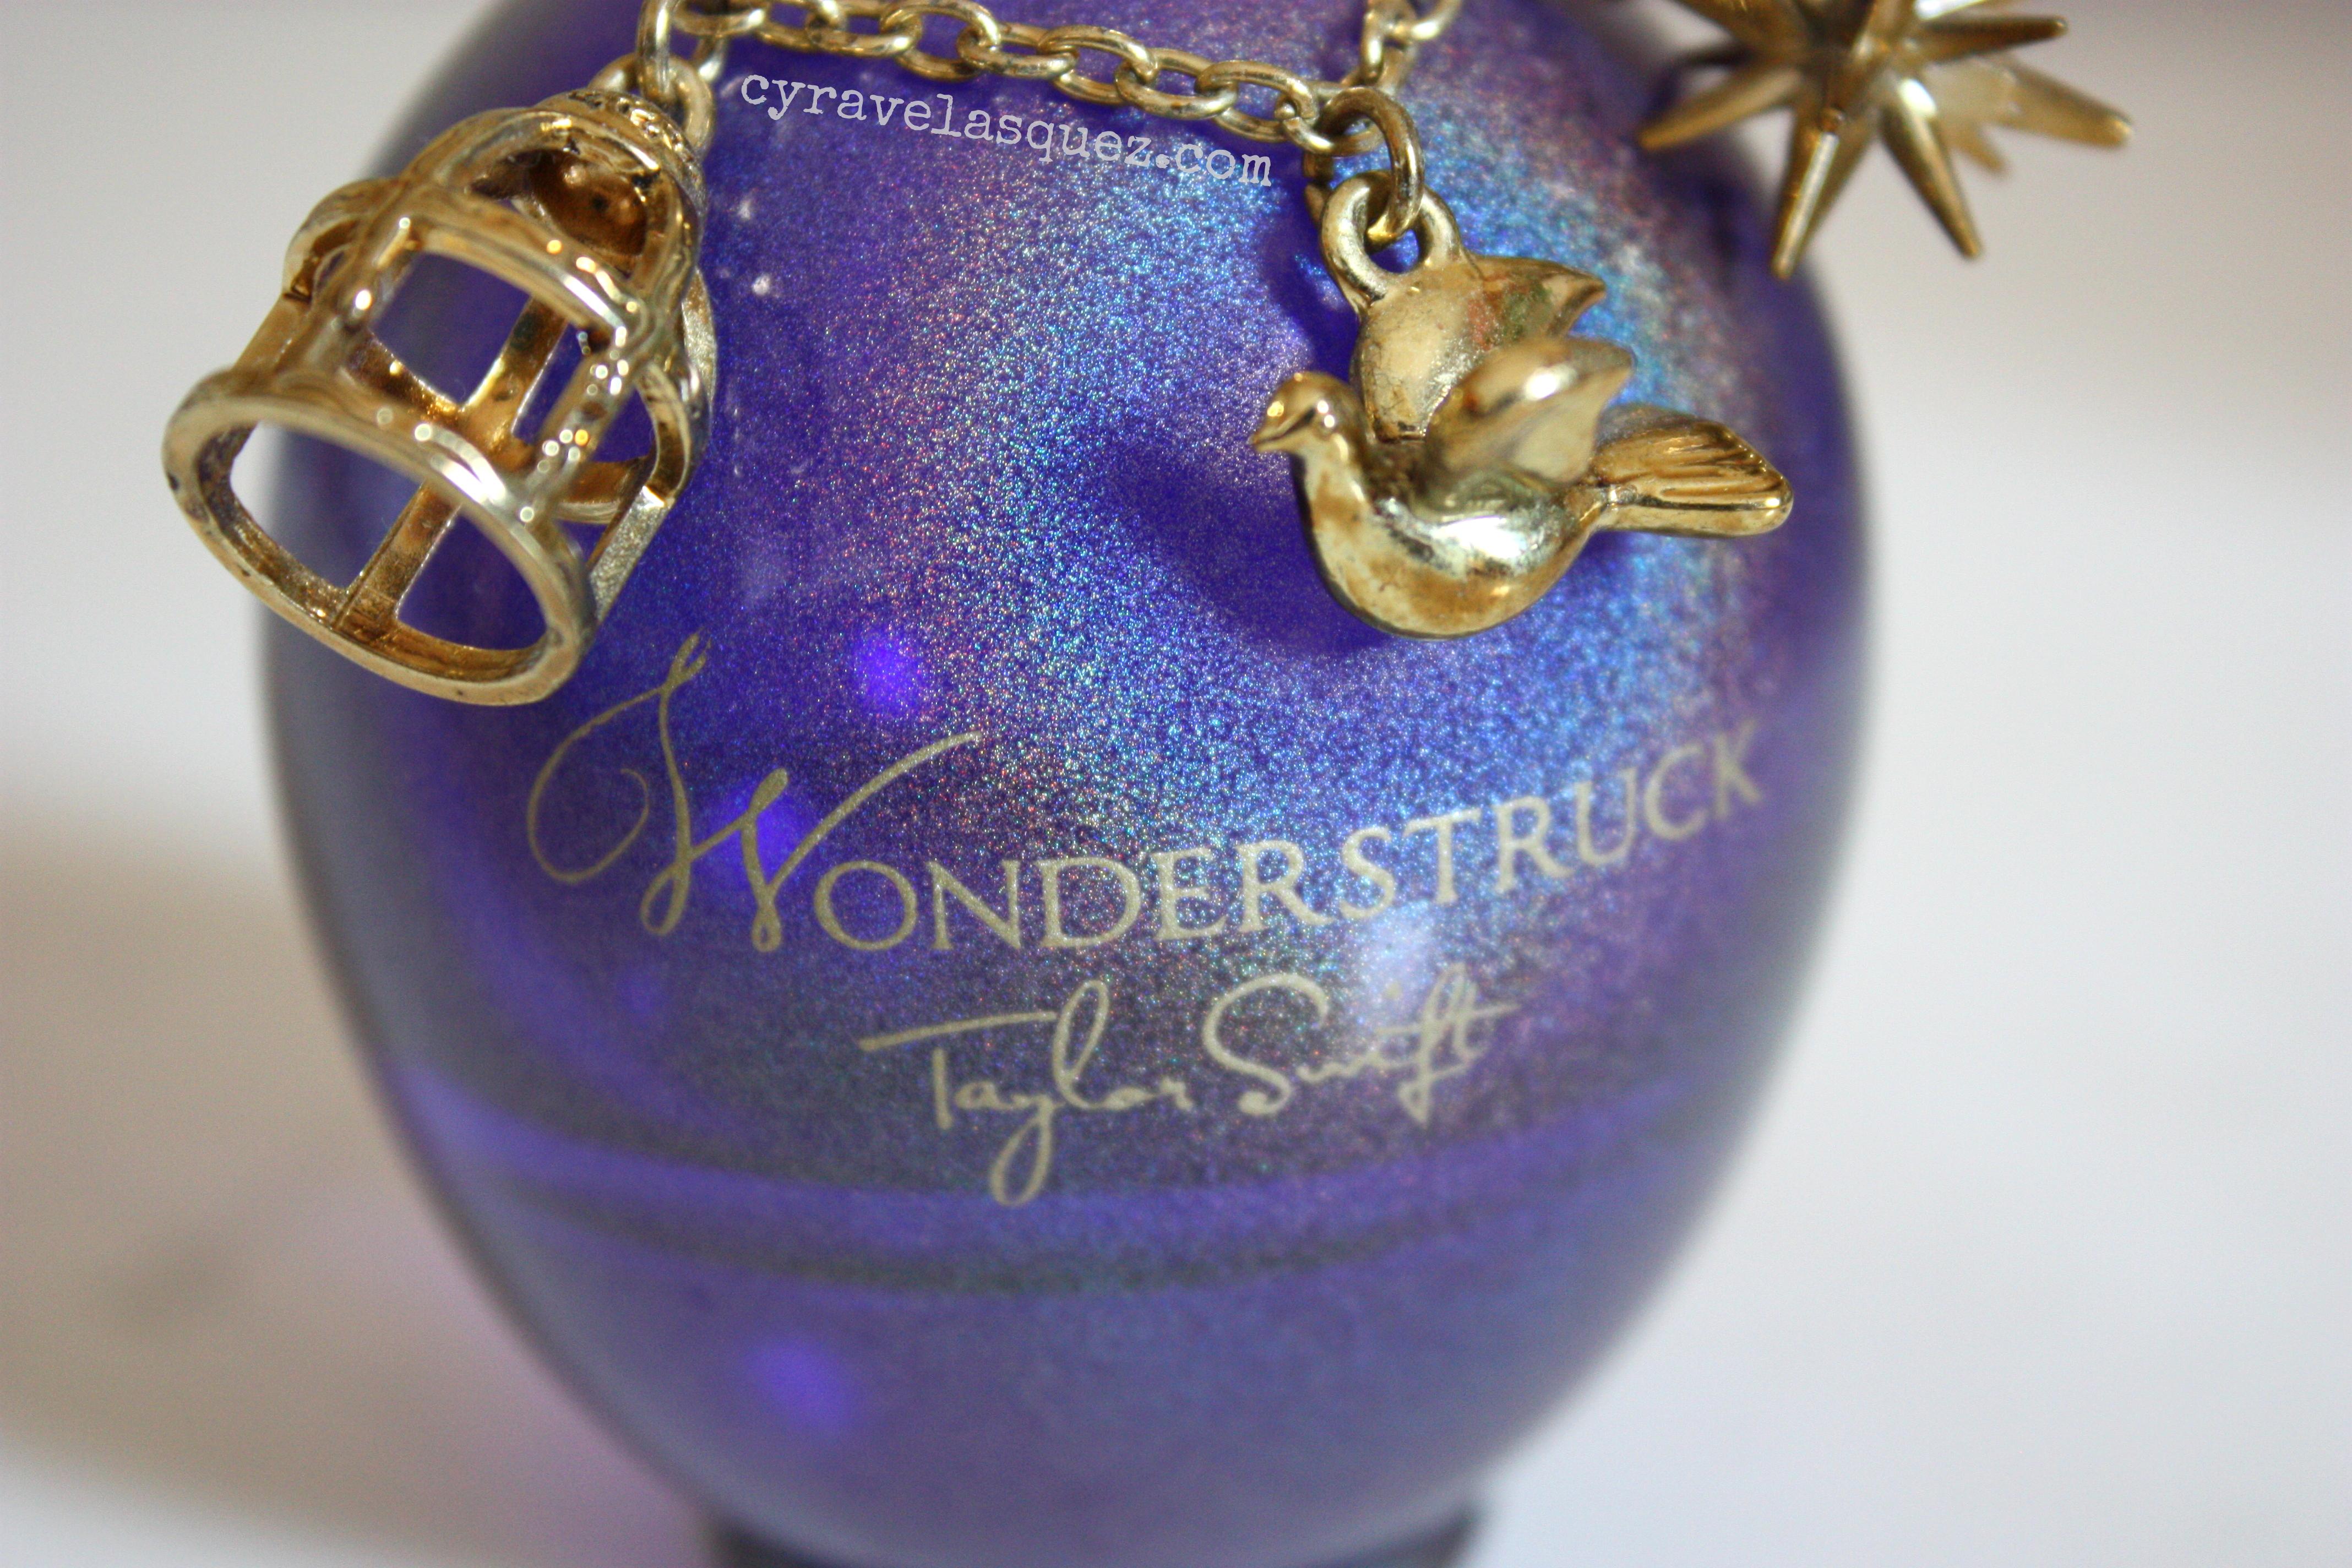 """Taylor Swift's perfume in """"Wonderstruck"""""""